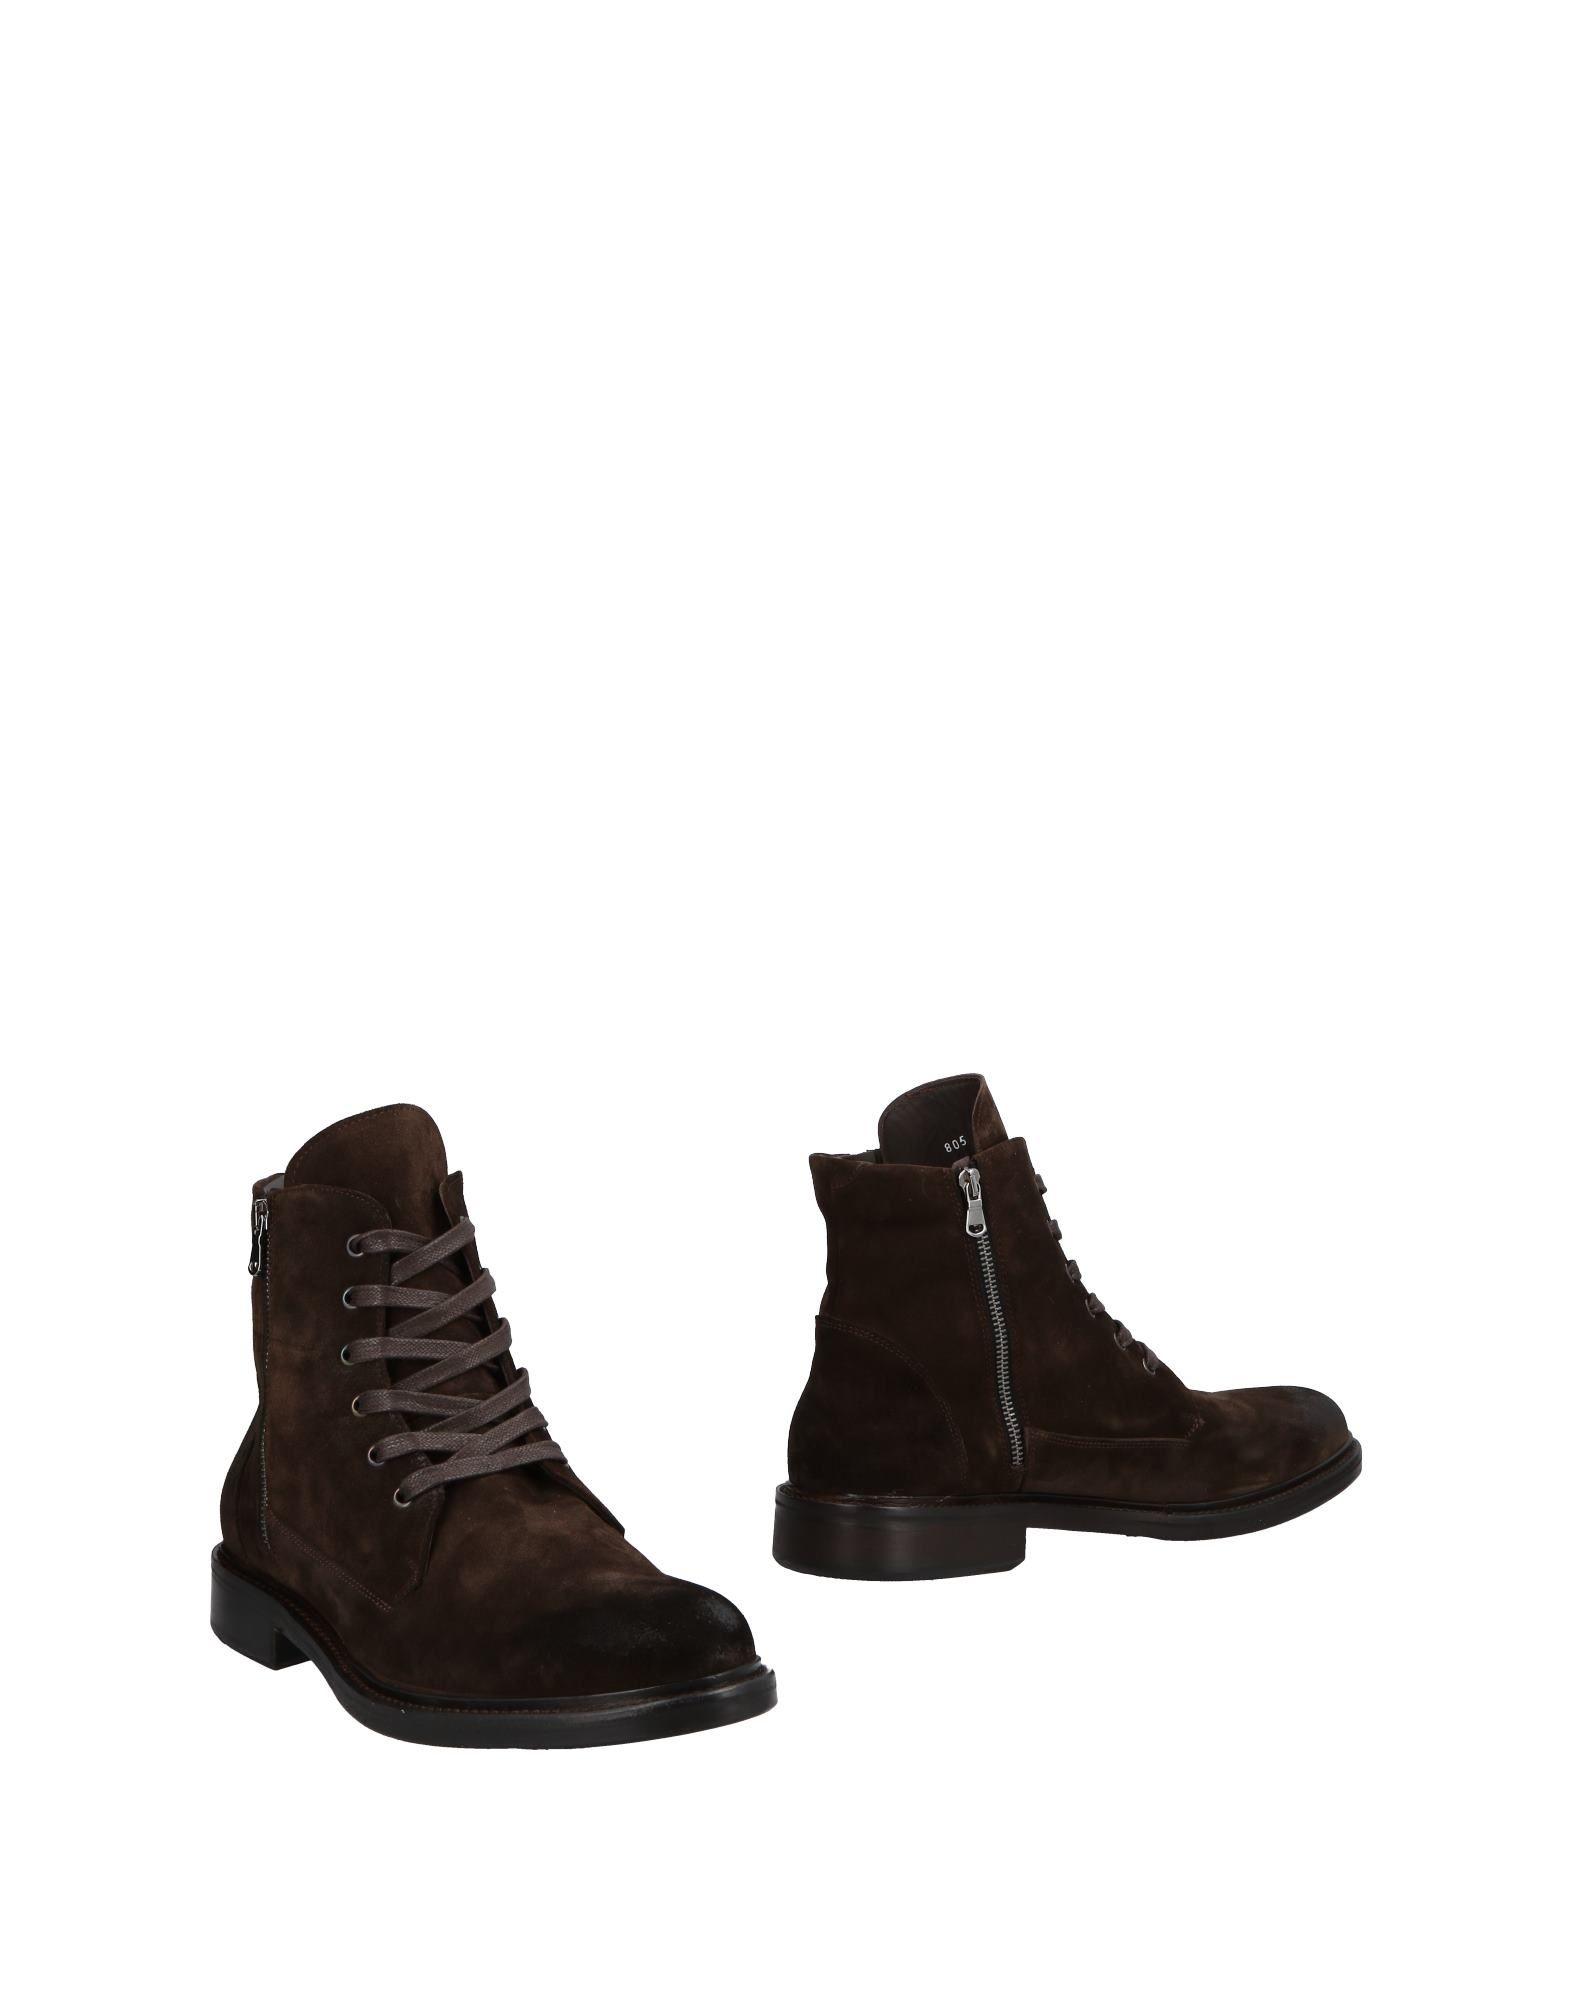 Rabatt Stiefelette echte Schuhe Franco Fedele Stiefelette Rabatt Herren  11491150HQ a254fb